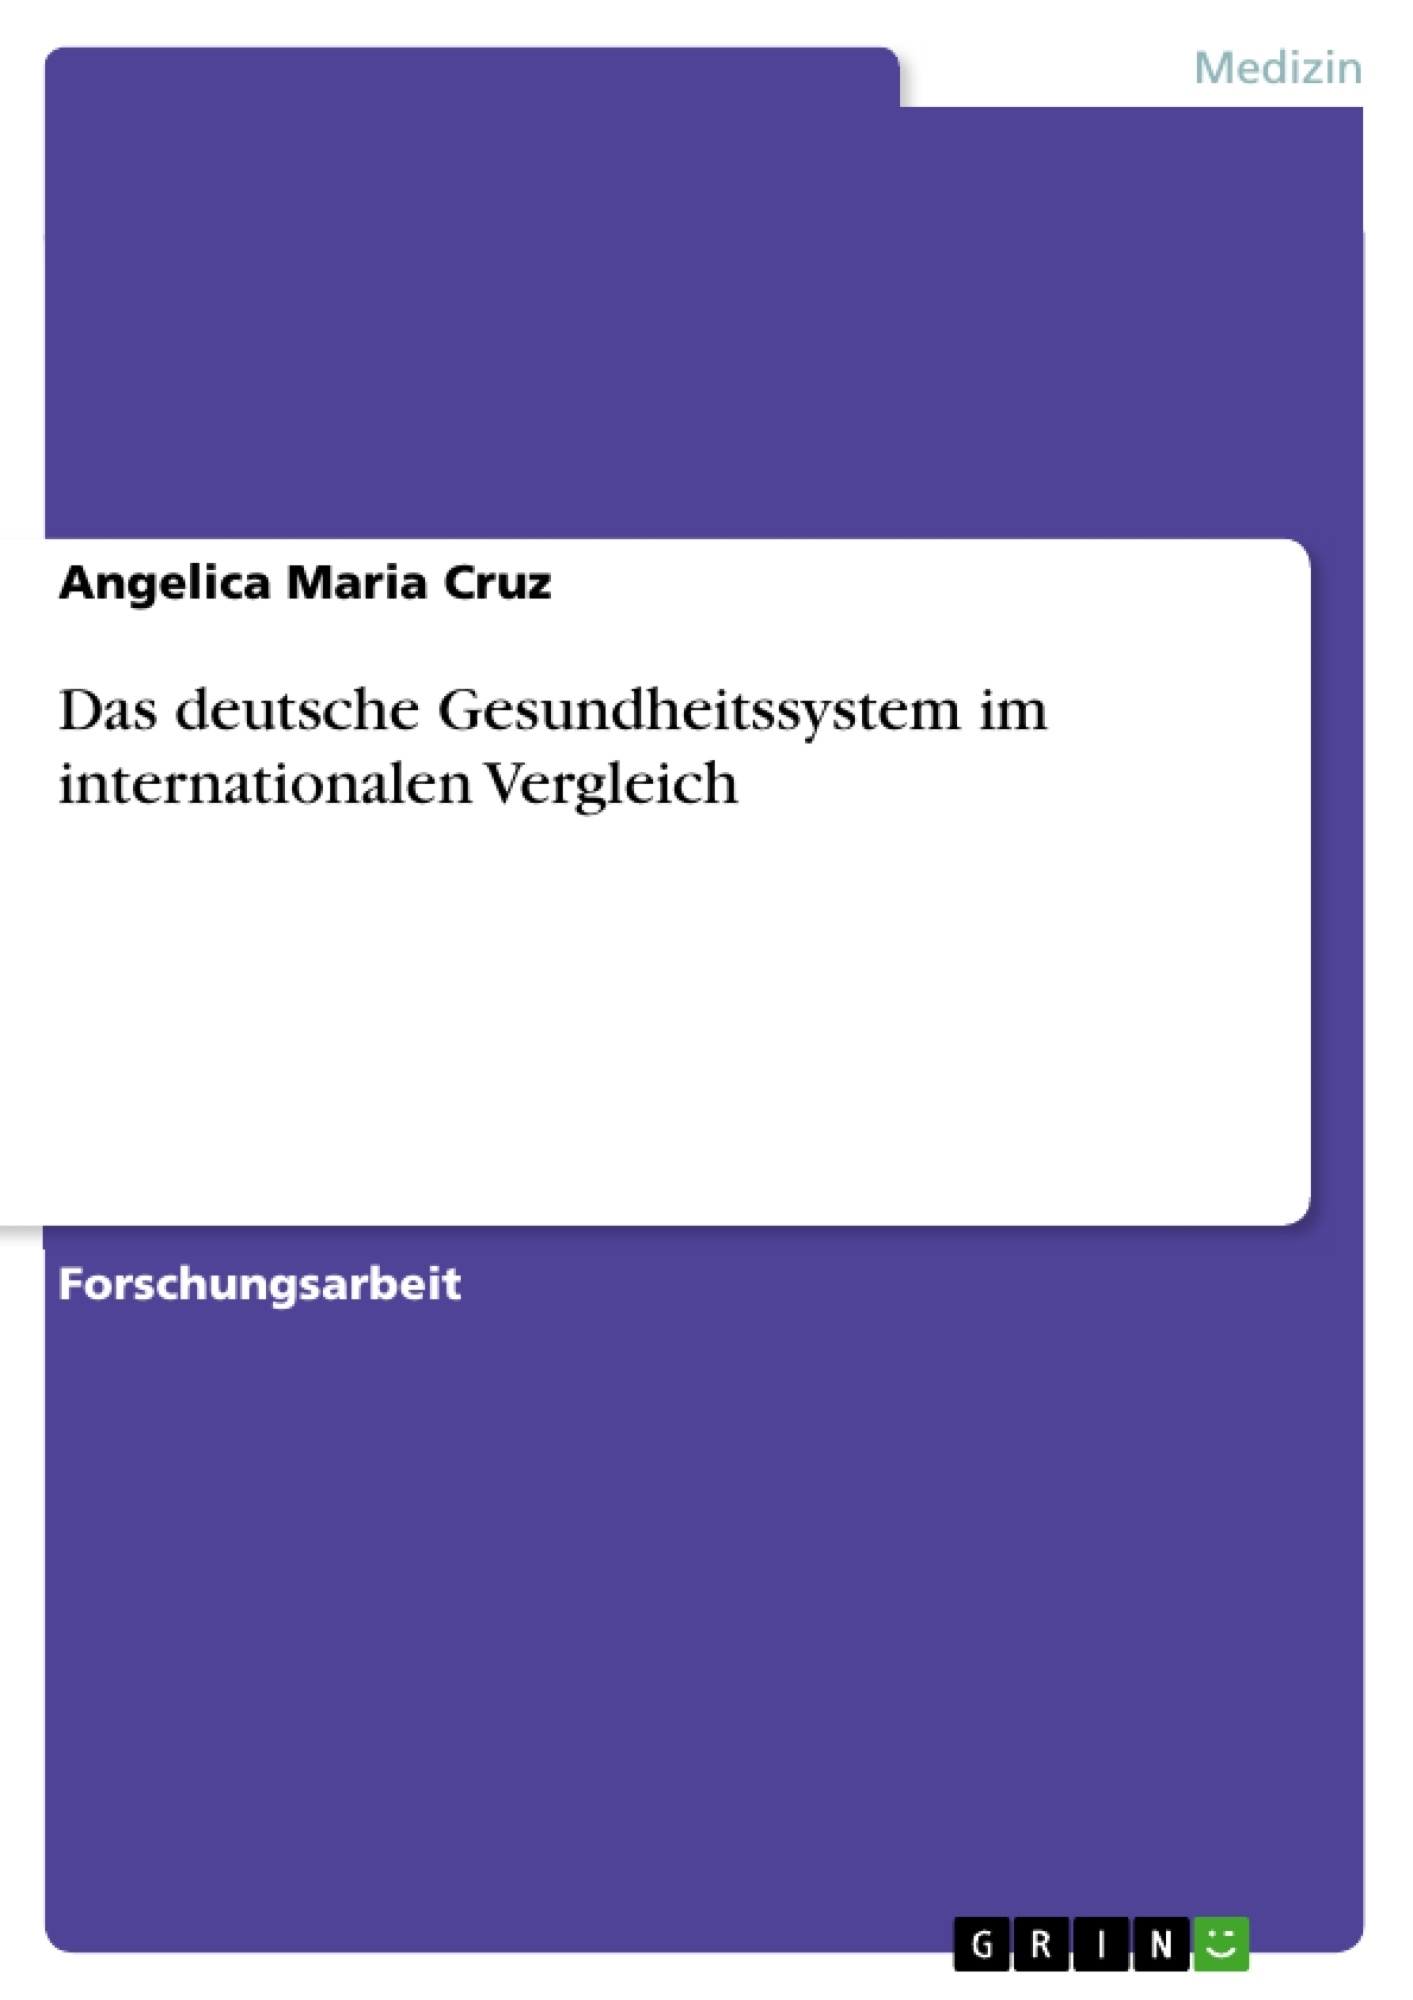 Titel: Das deutsche Gesundheitssystem im internationalen Vergleich